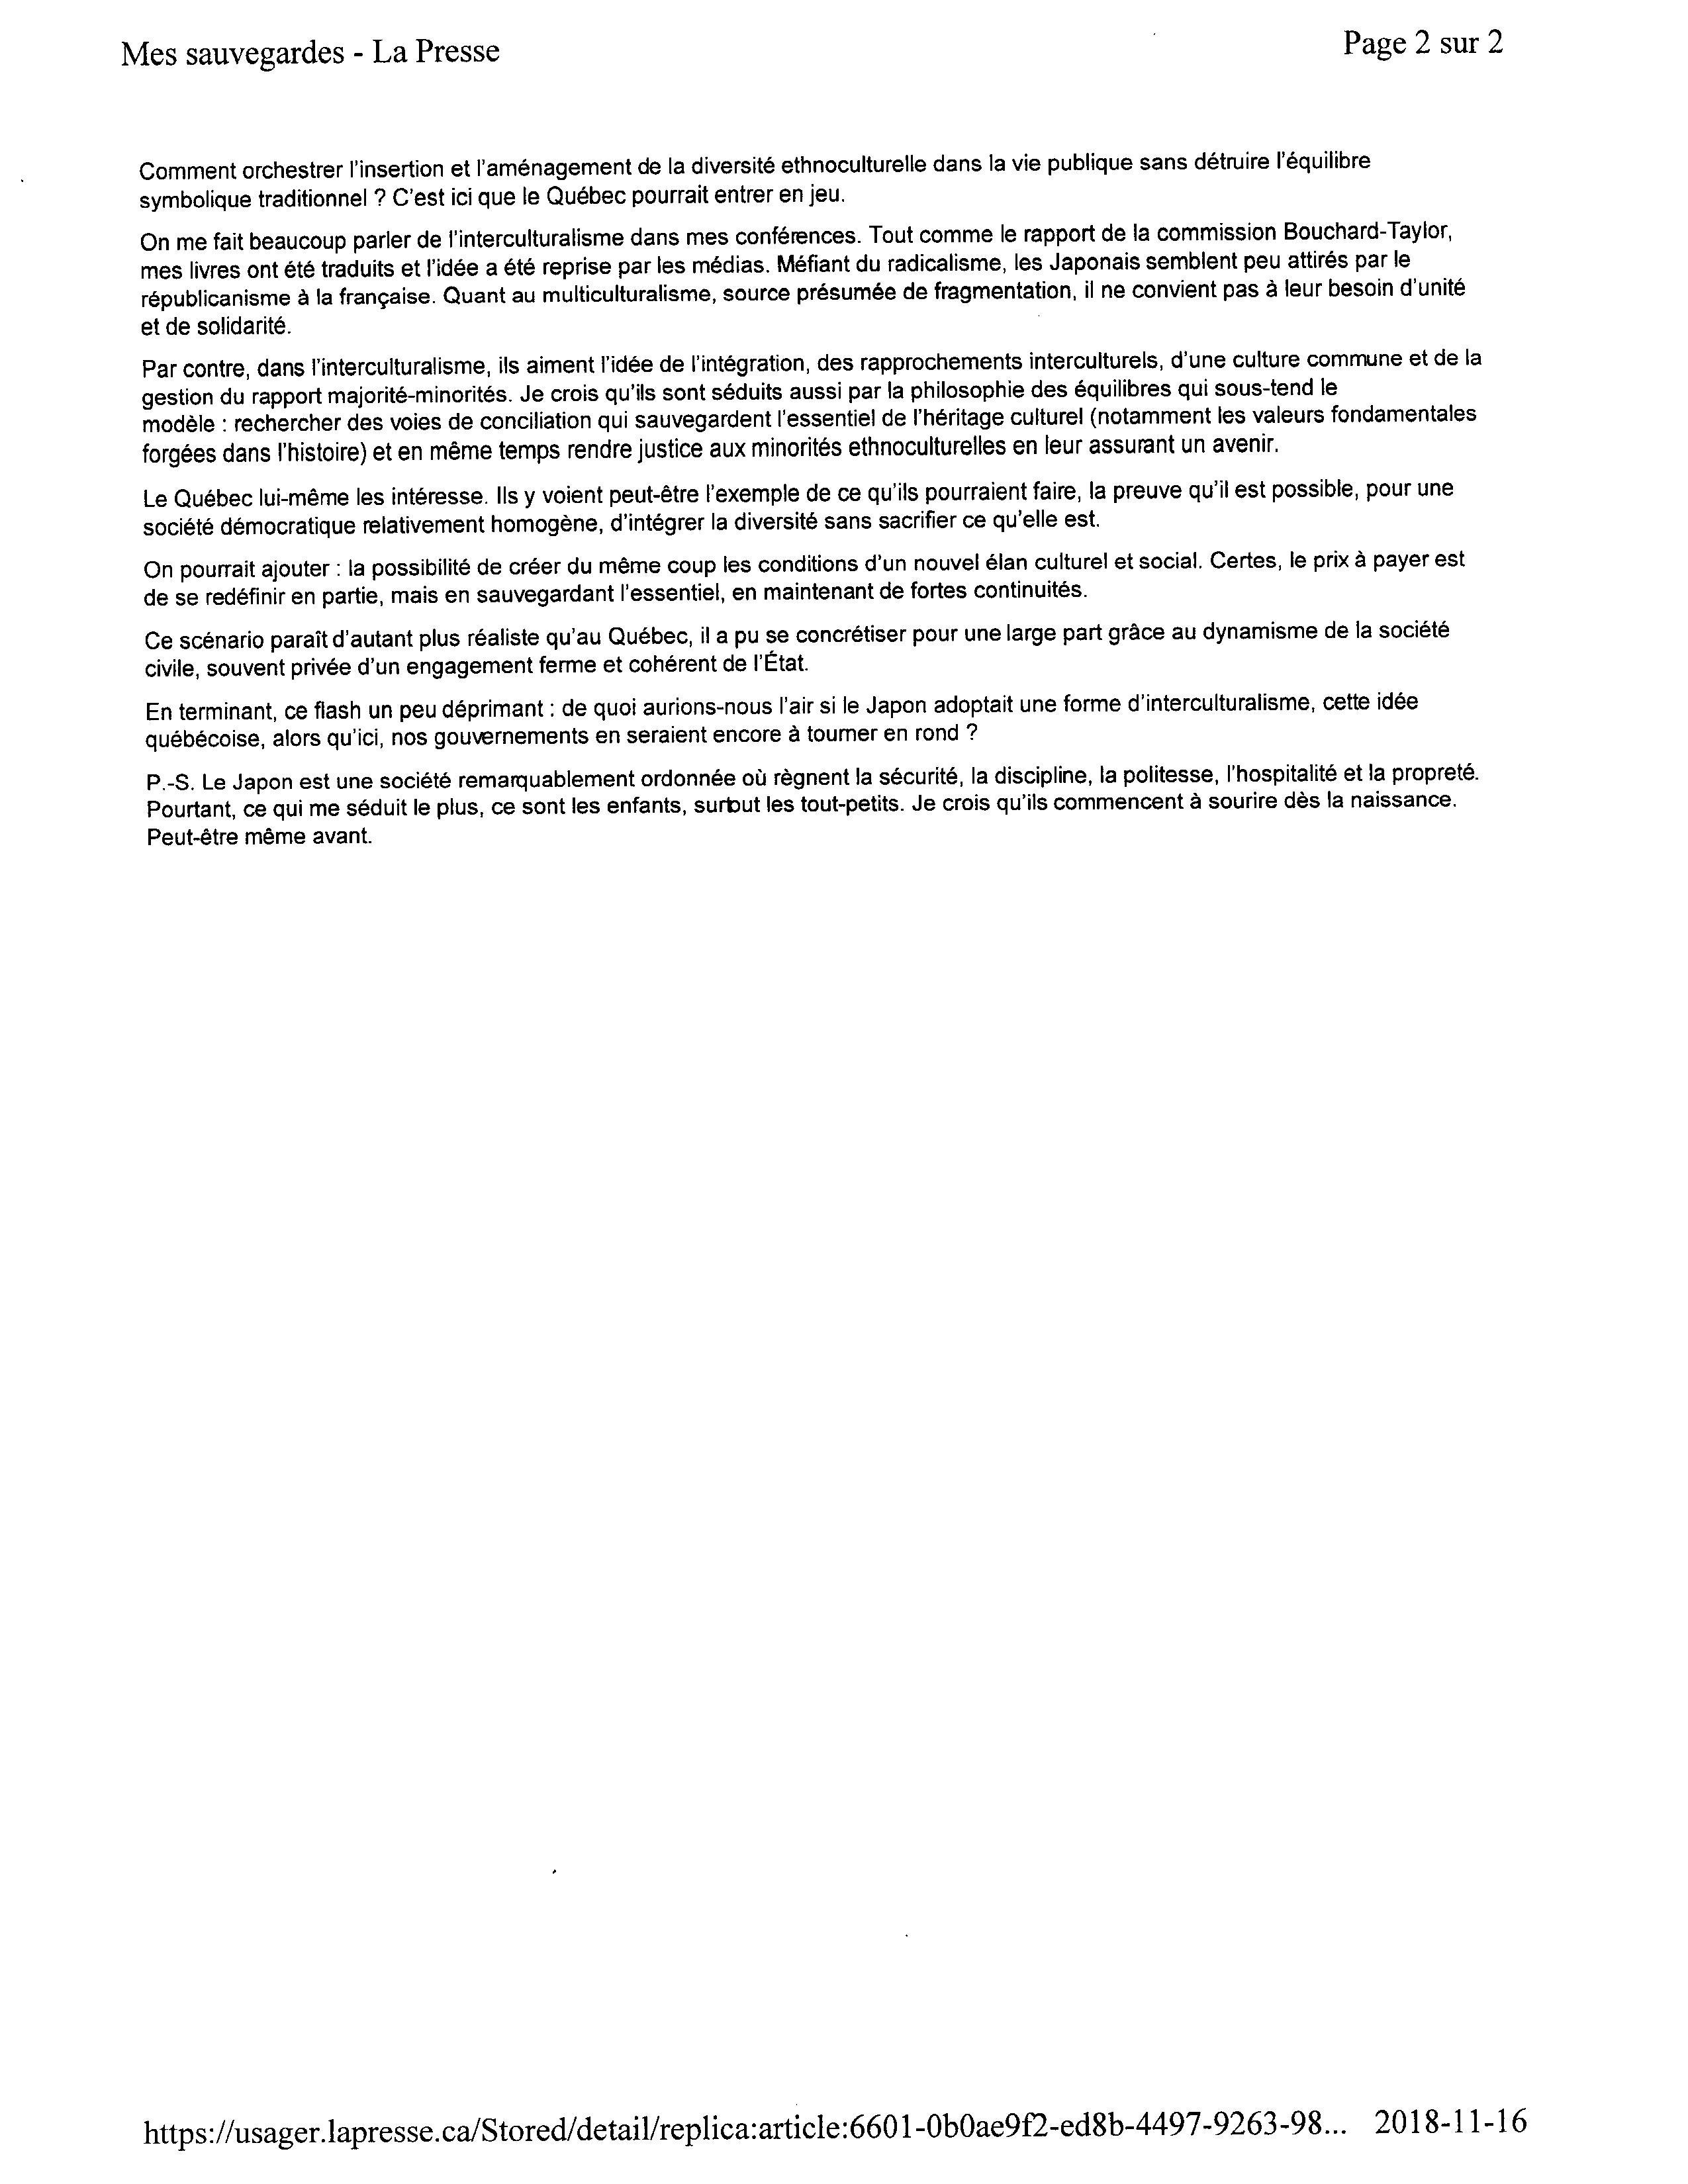 La Presse-16-11-18- texteImage_ページ_2